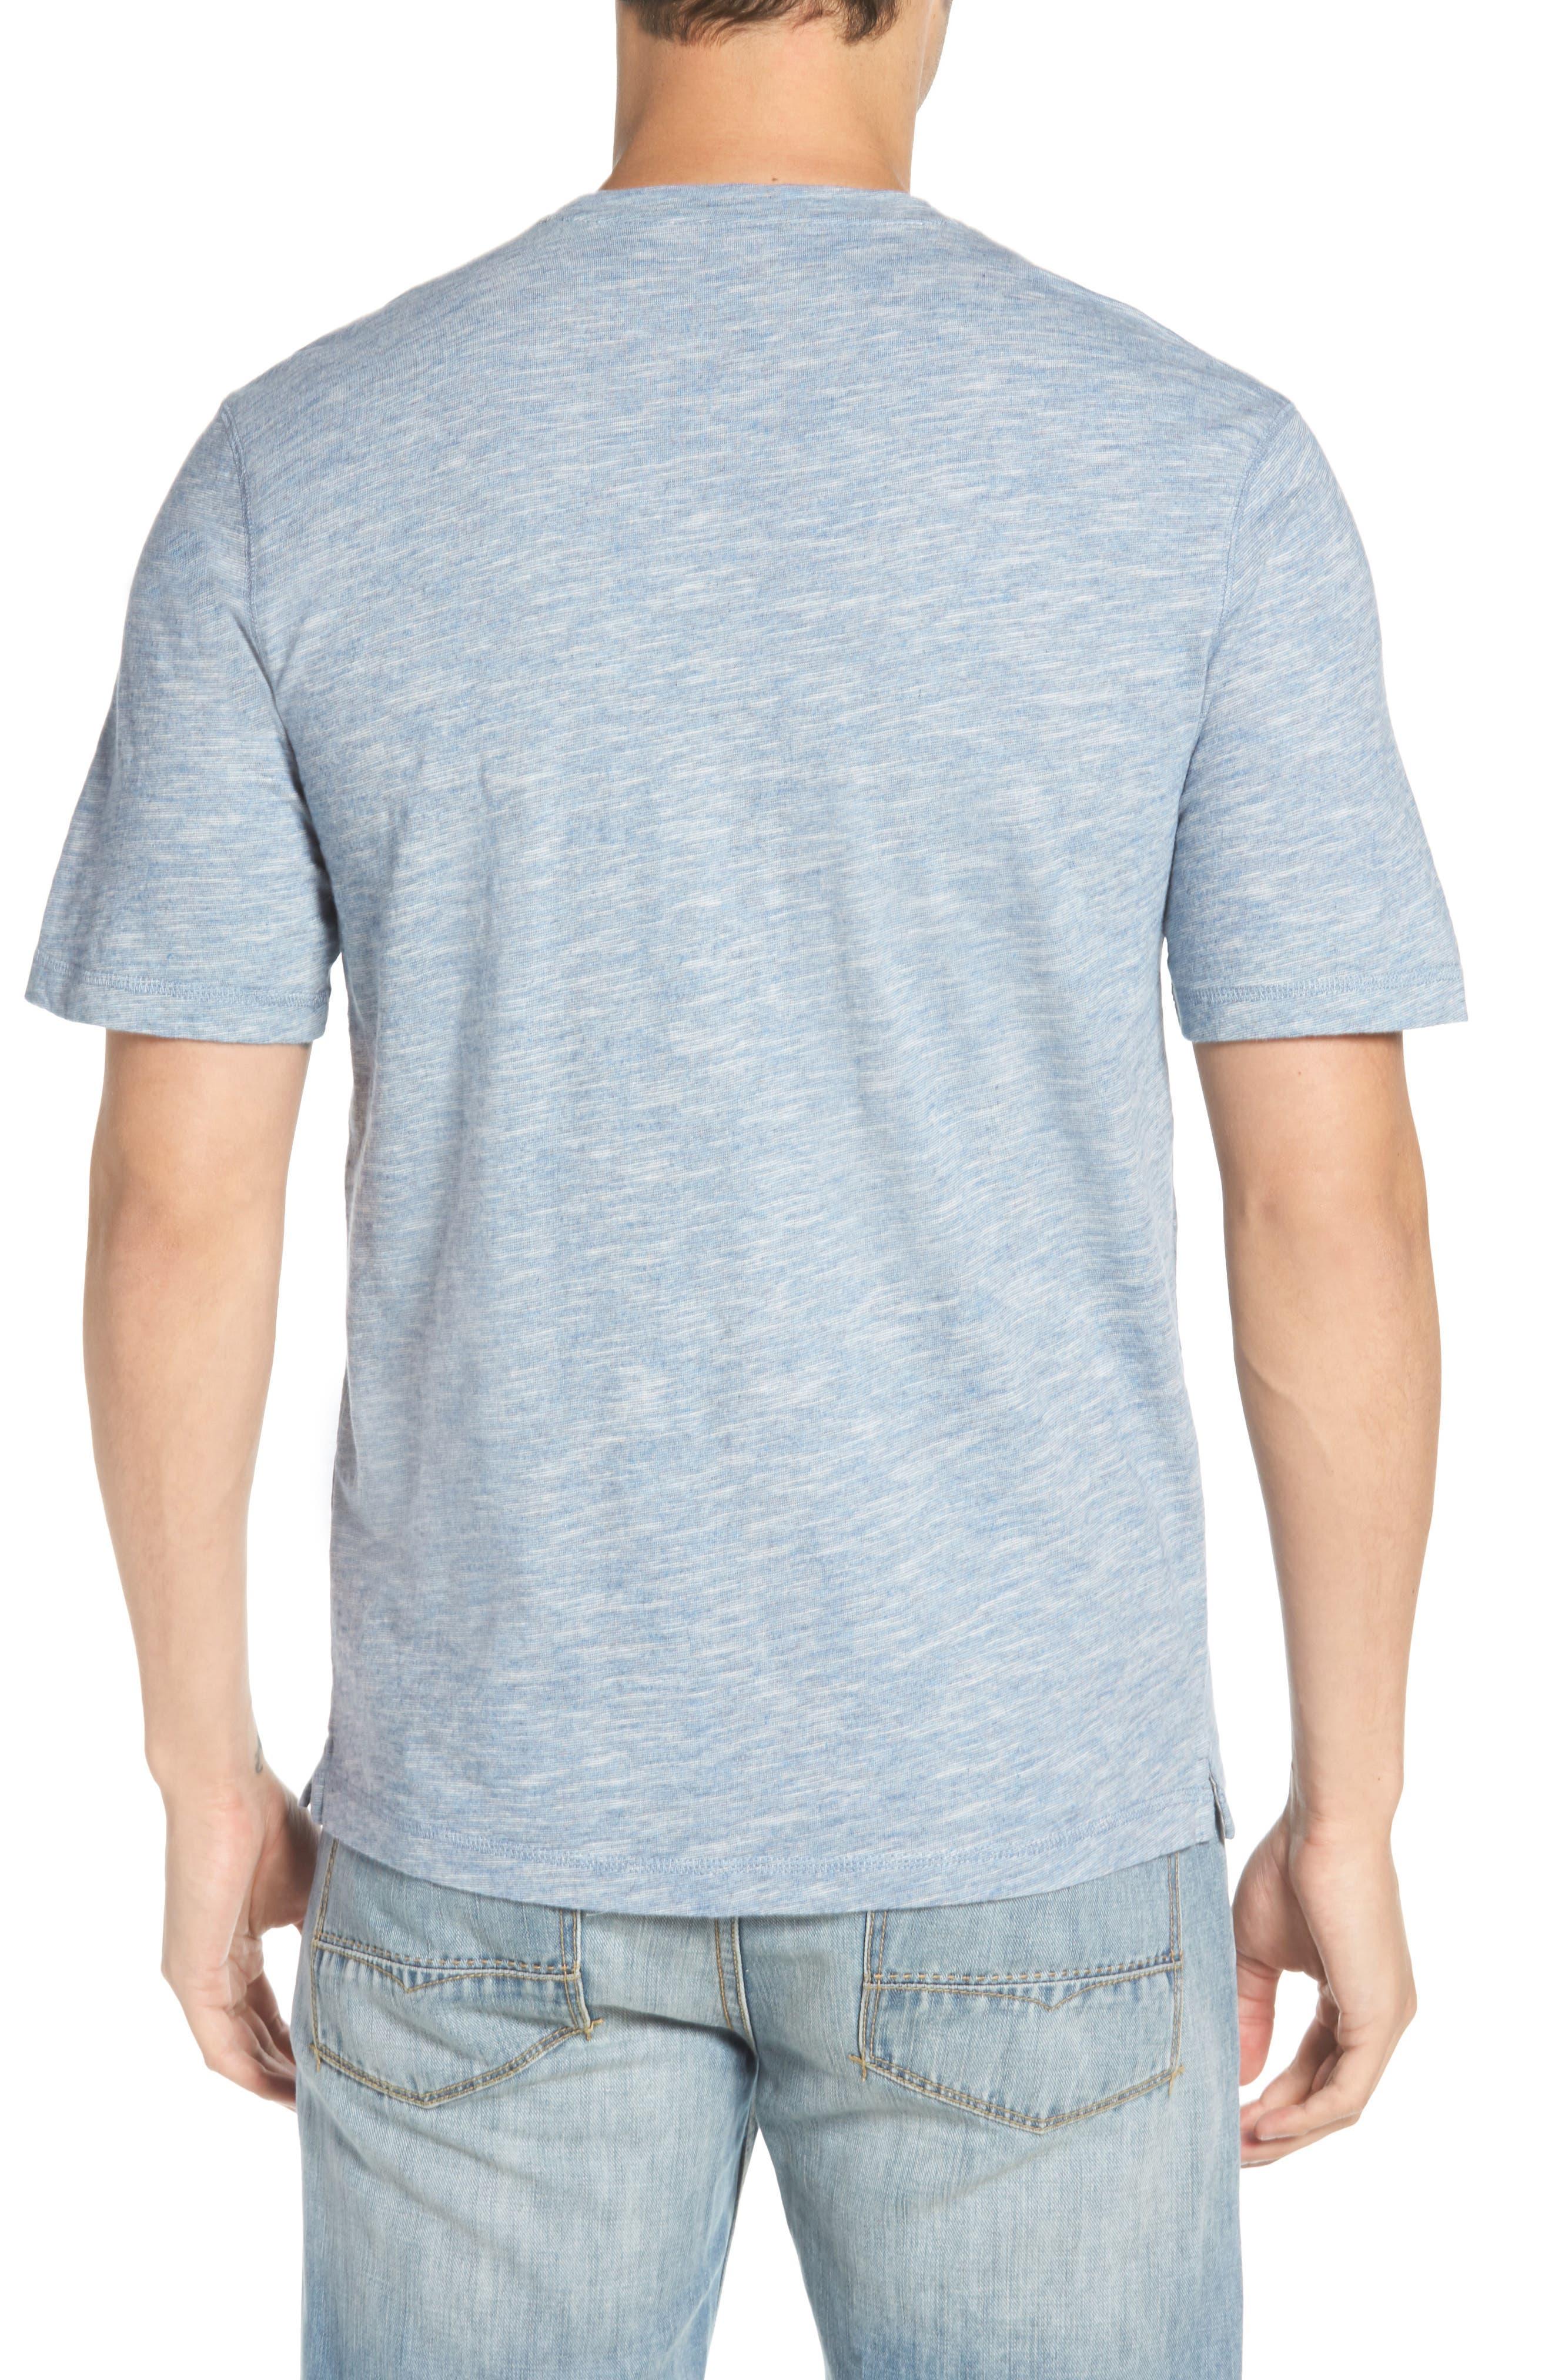 Slubbie Regular Fit Crewneck T-Shirt,                             Alternate thumbnail 2, color,                             021